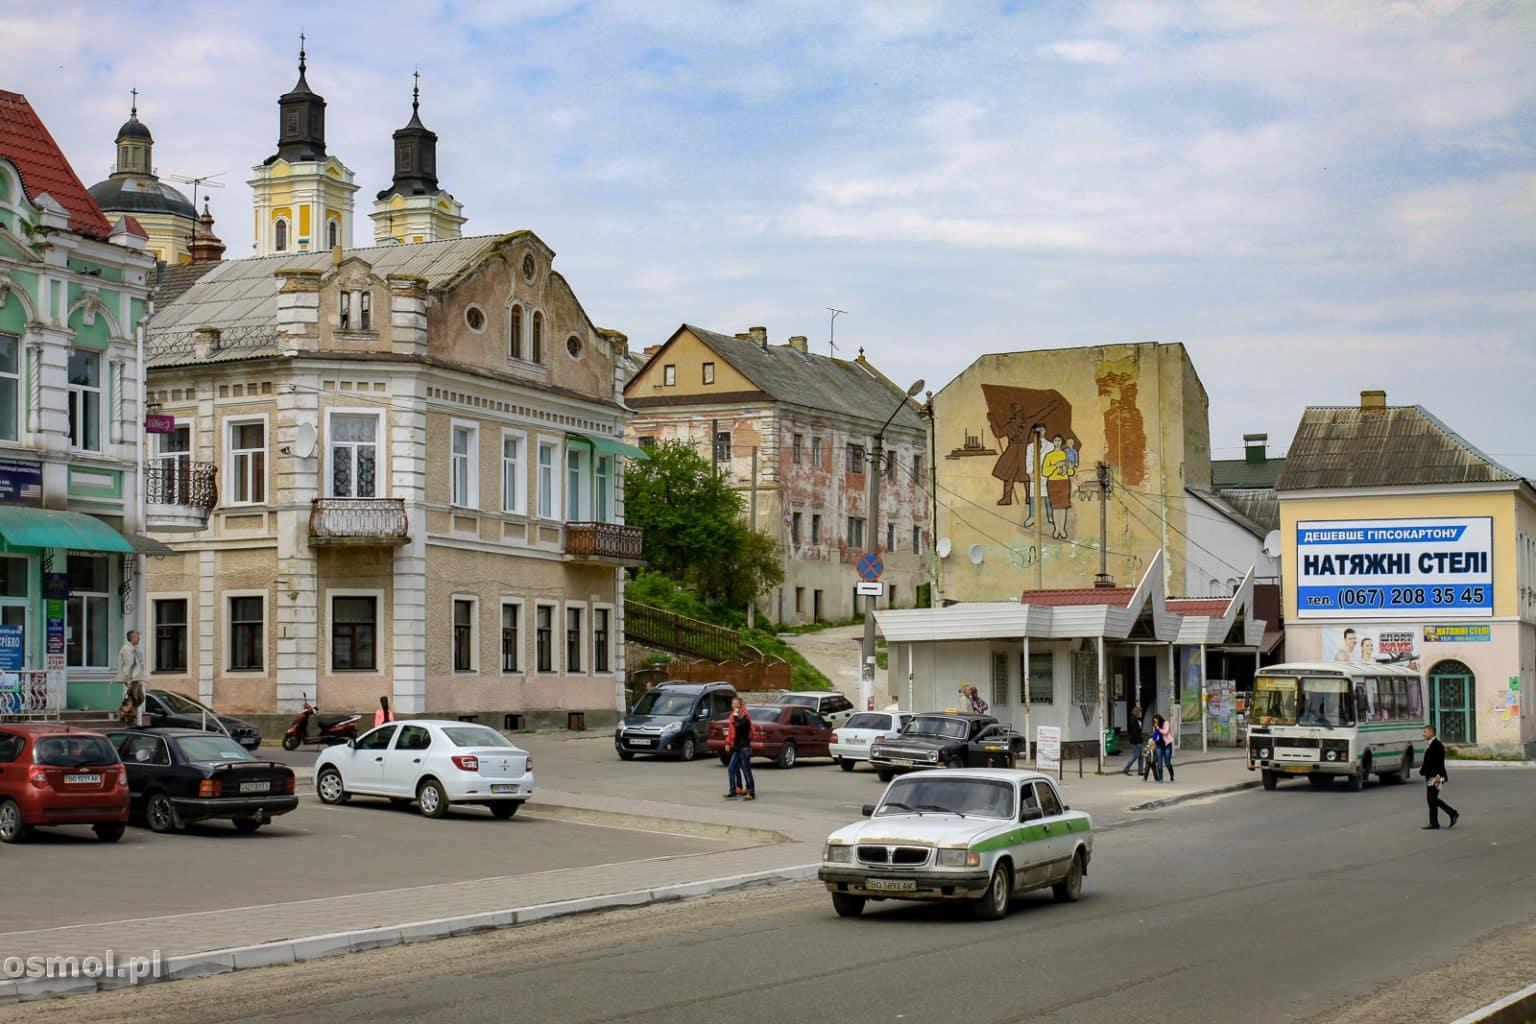 Krzemieniec jest mieszanką pozostałości po Polsce i sowieckich budynków, które pasują do miasta jak pięść do nosa. Ale można tu też spotkać ciekawy street art